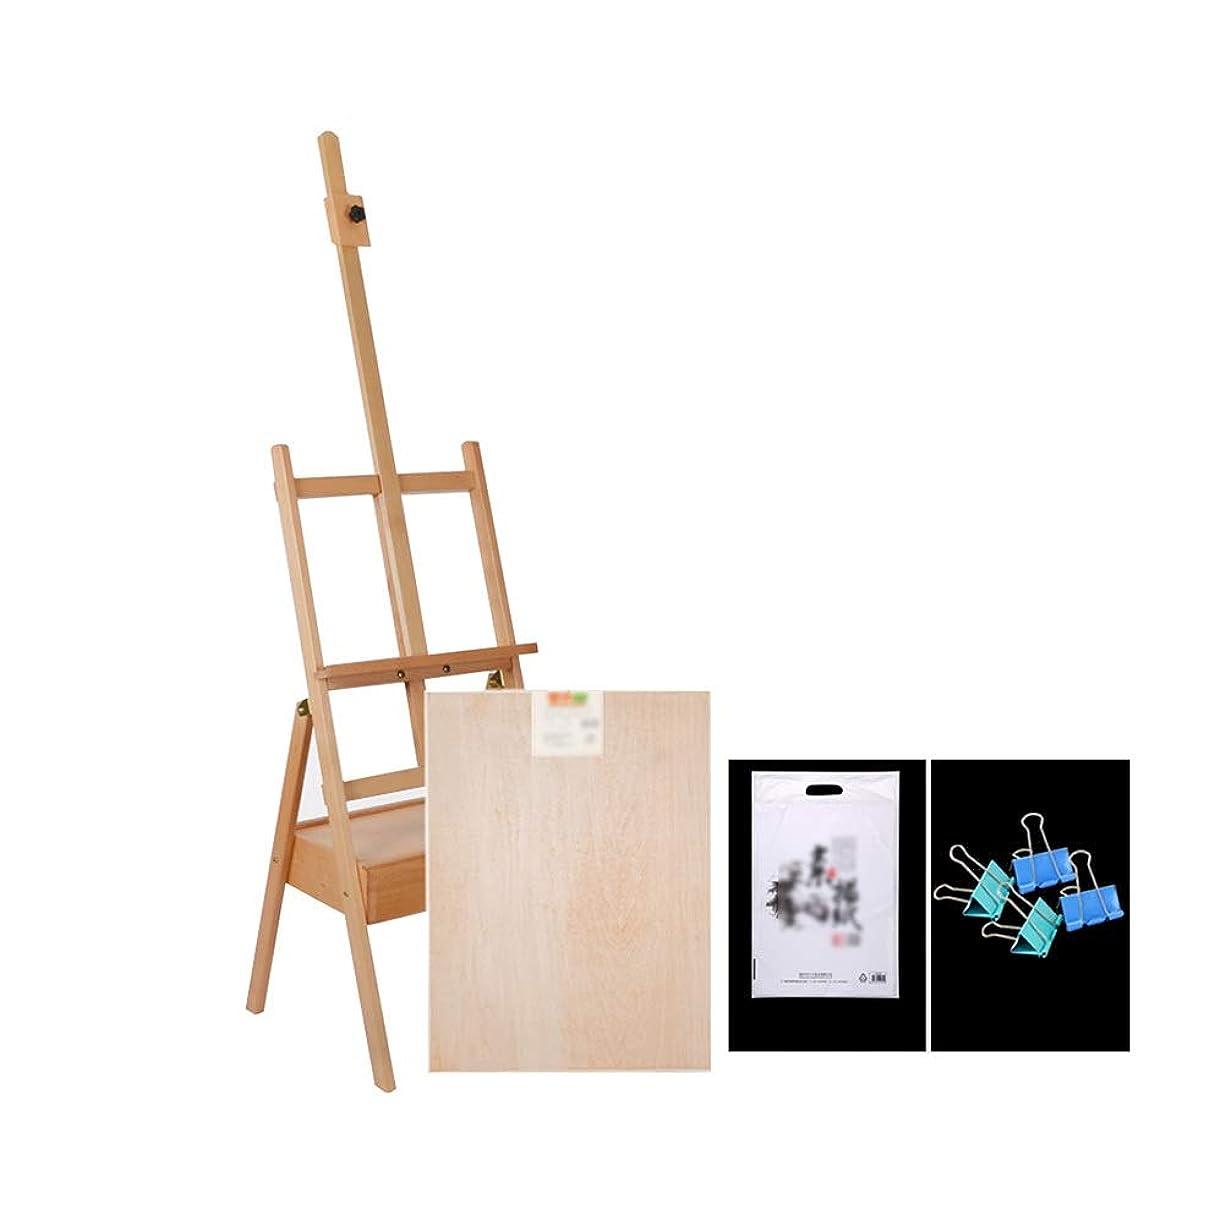 味わうパイント欠乏YY 頑丈な木の芸術のイーゼル、絵画およびデッサンのための油絵のイーゼル立場の芸術家、182CM調節可能な高い - 丸太色 (色 : With 4K Sketchpad)